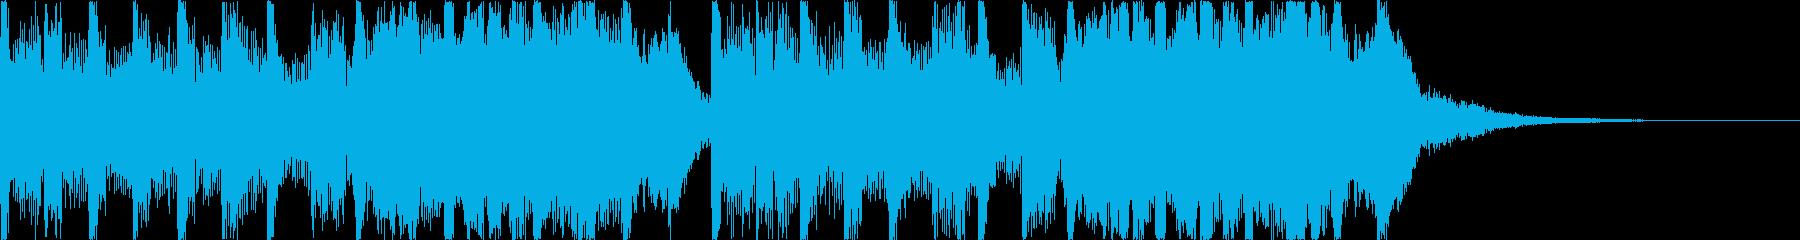 わくわくかわいい・おしゃれEDMジングルの再生済みの波形